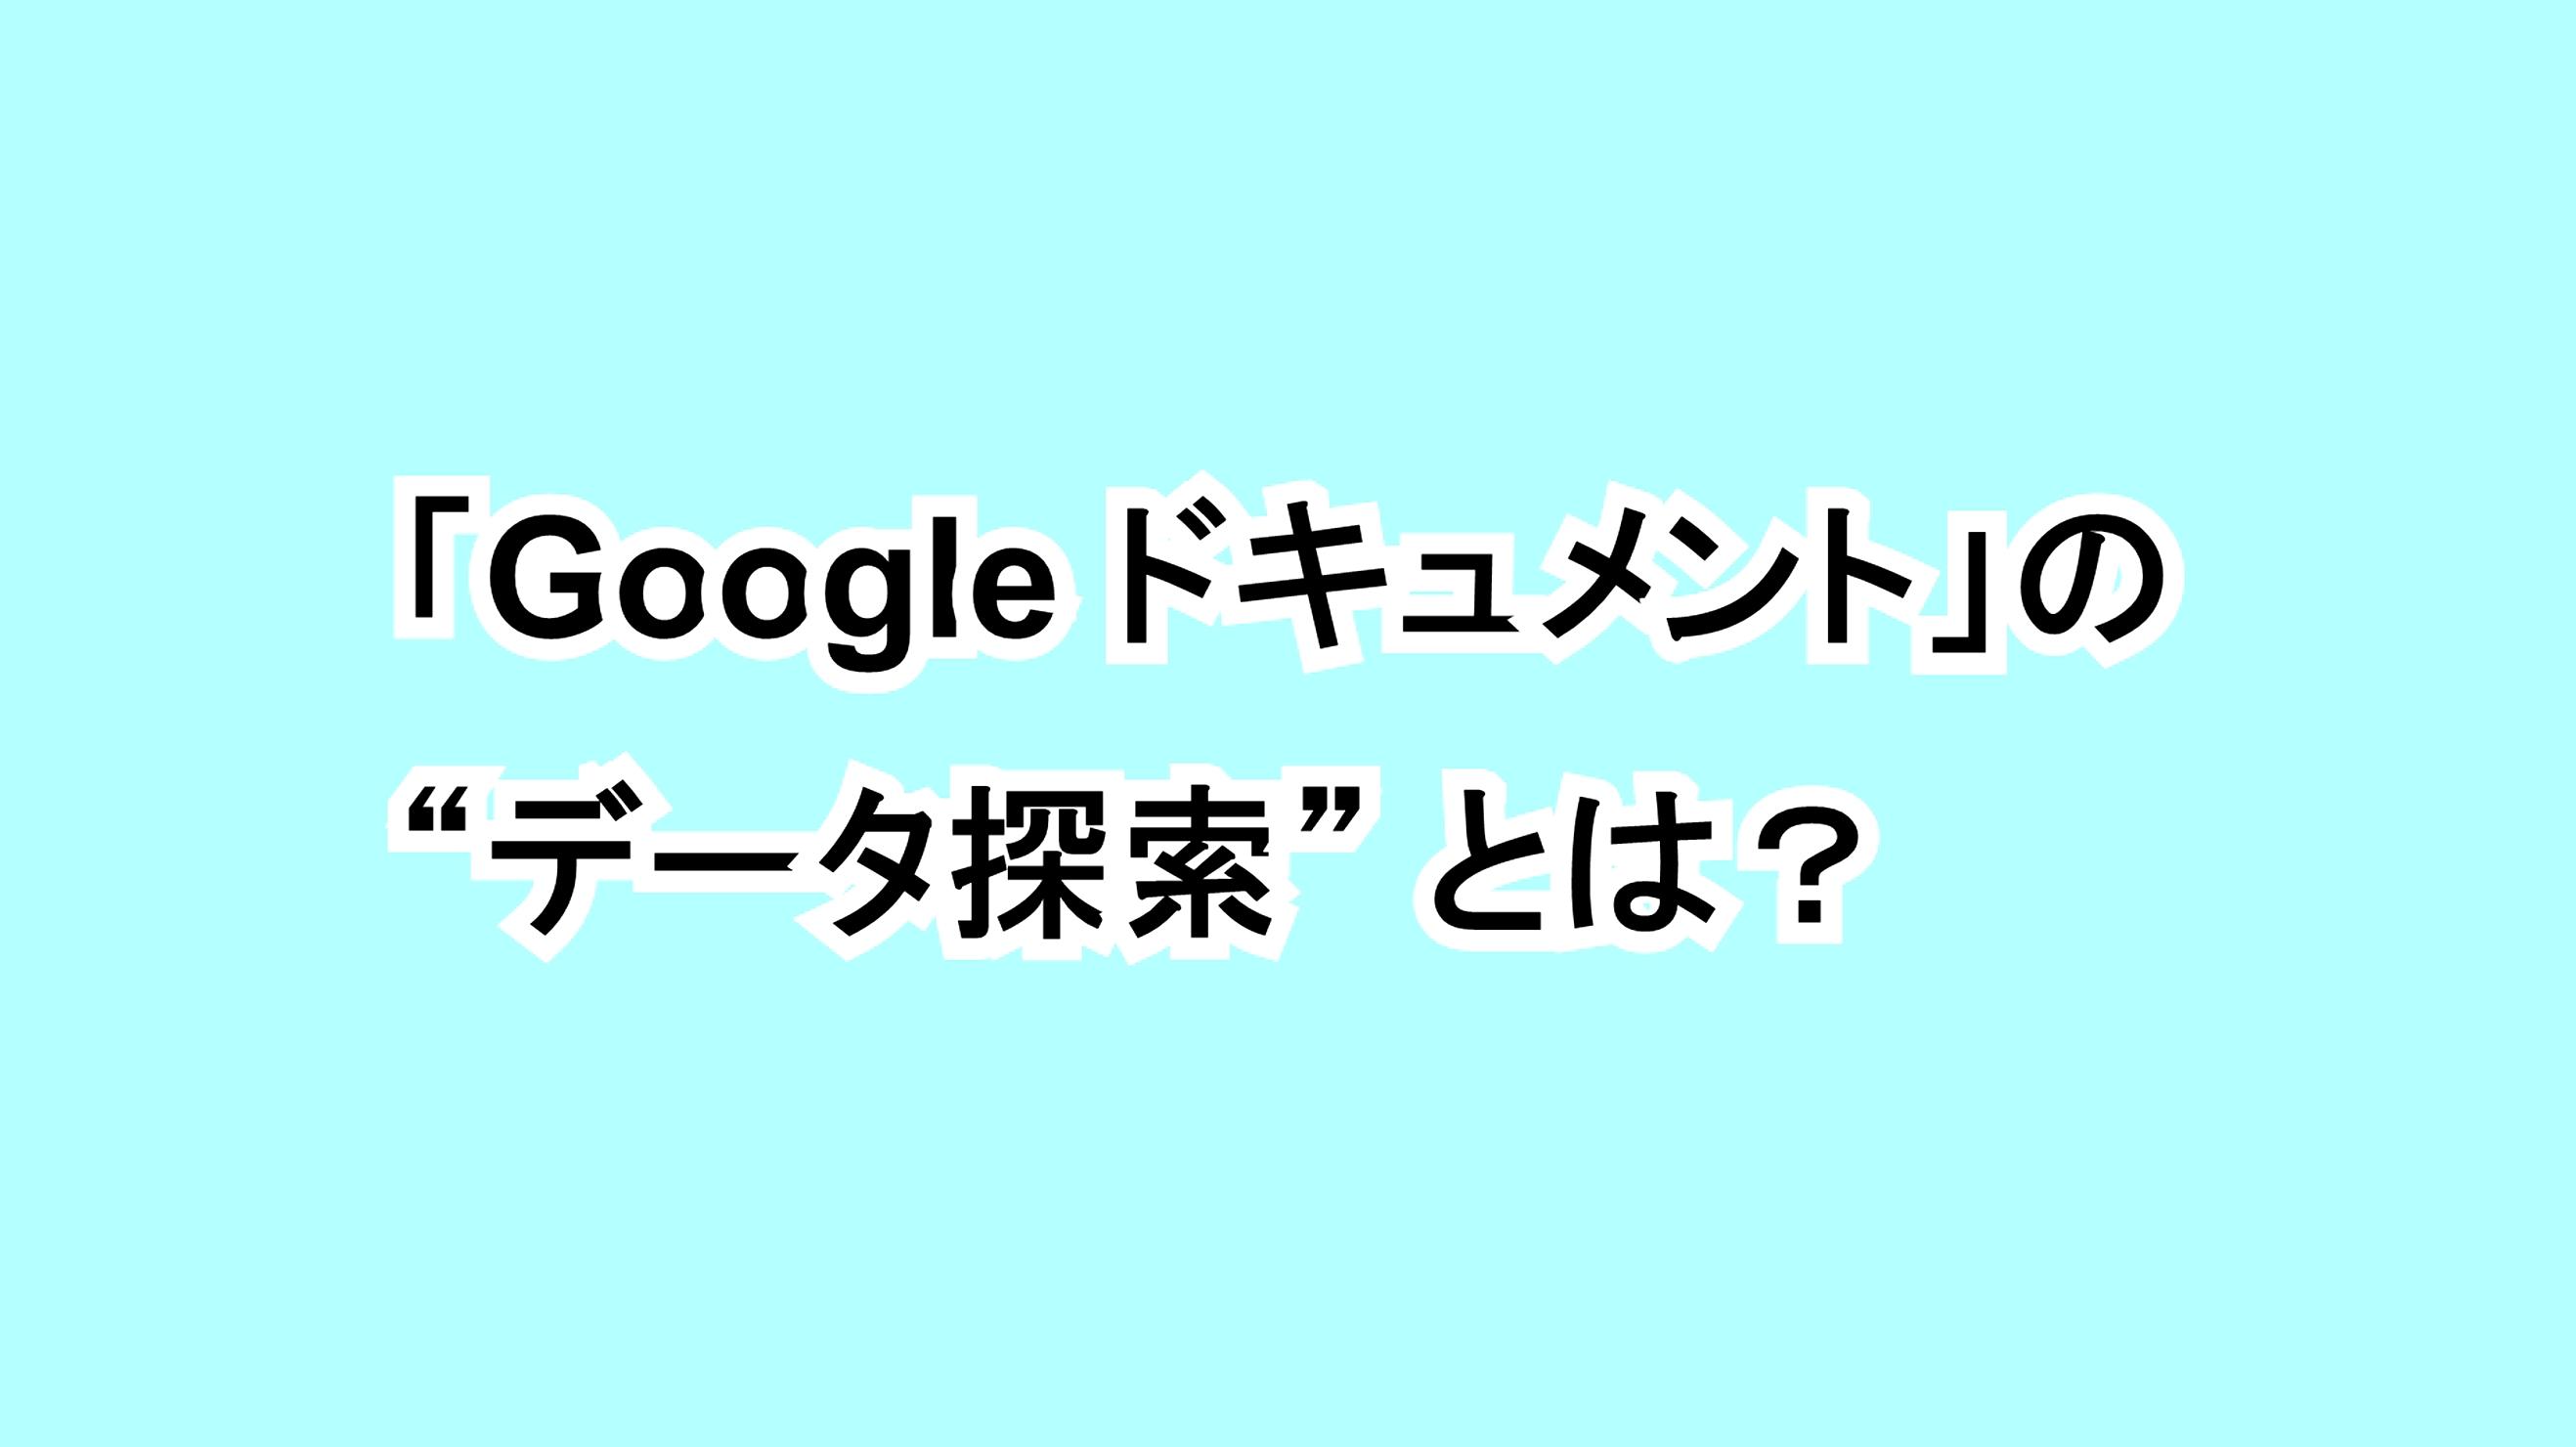 """「Google ドキュメント」の""""データ探索""""とは?"""